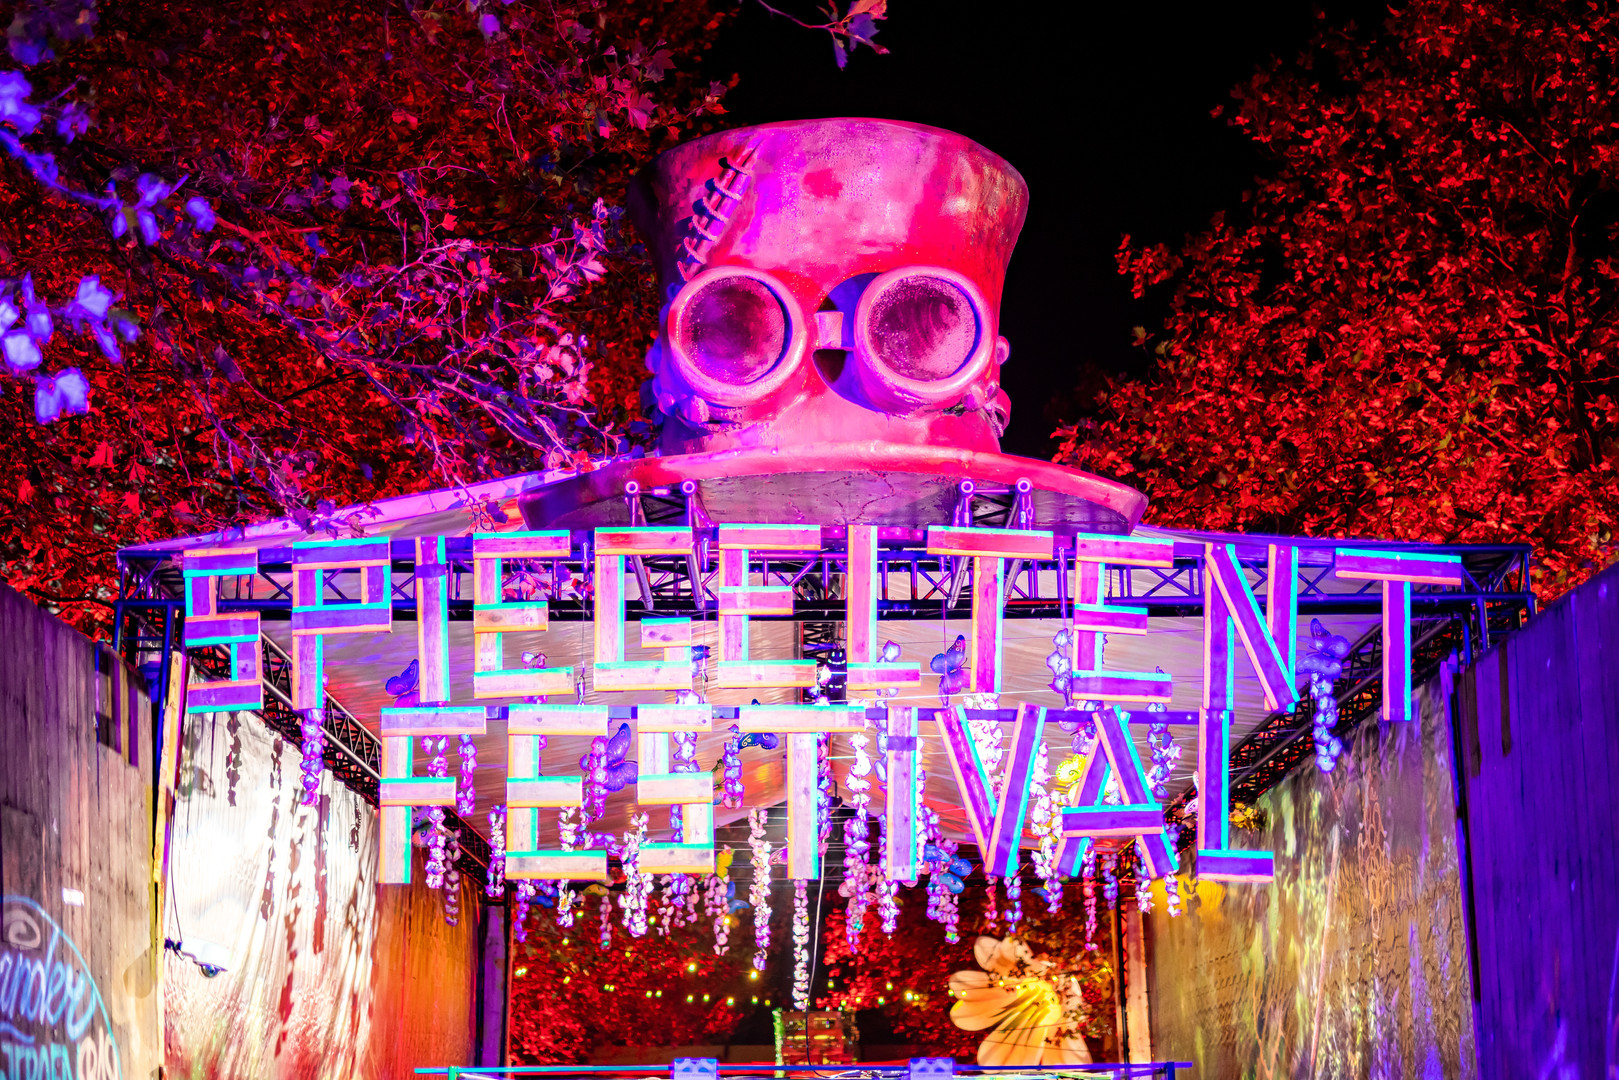 Spiegeltent-Festival-EHF00103.jpg